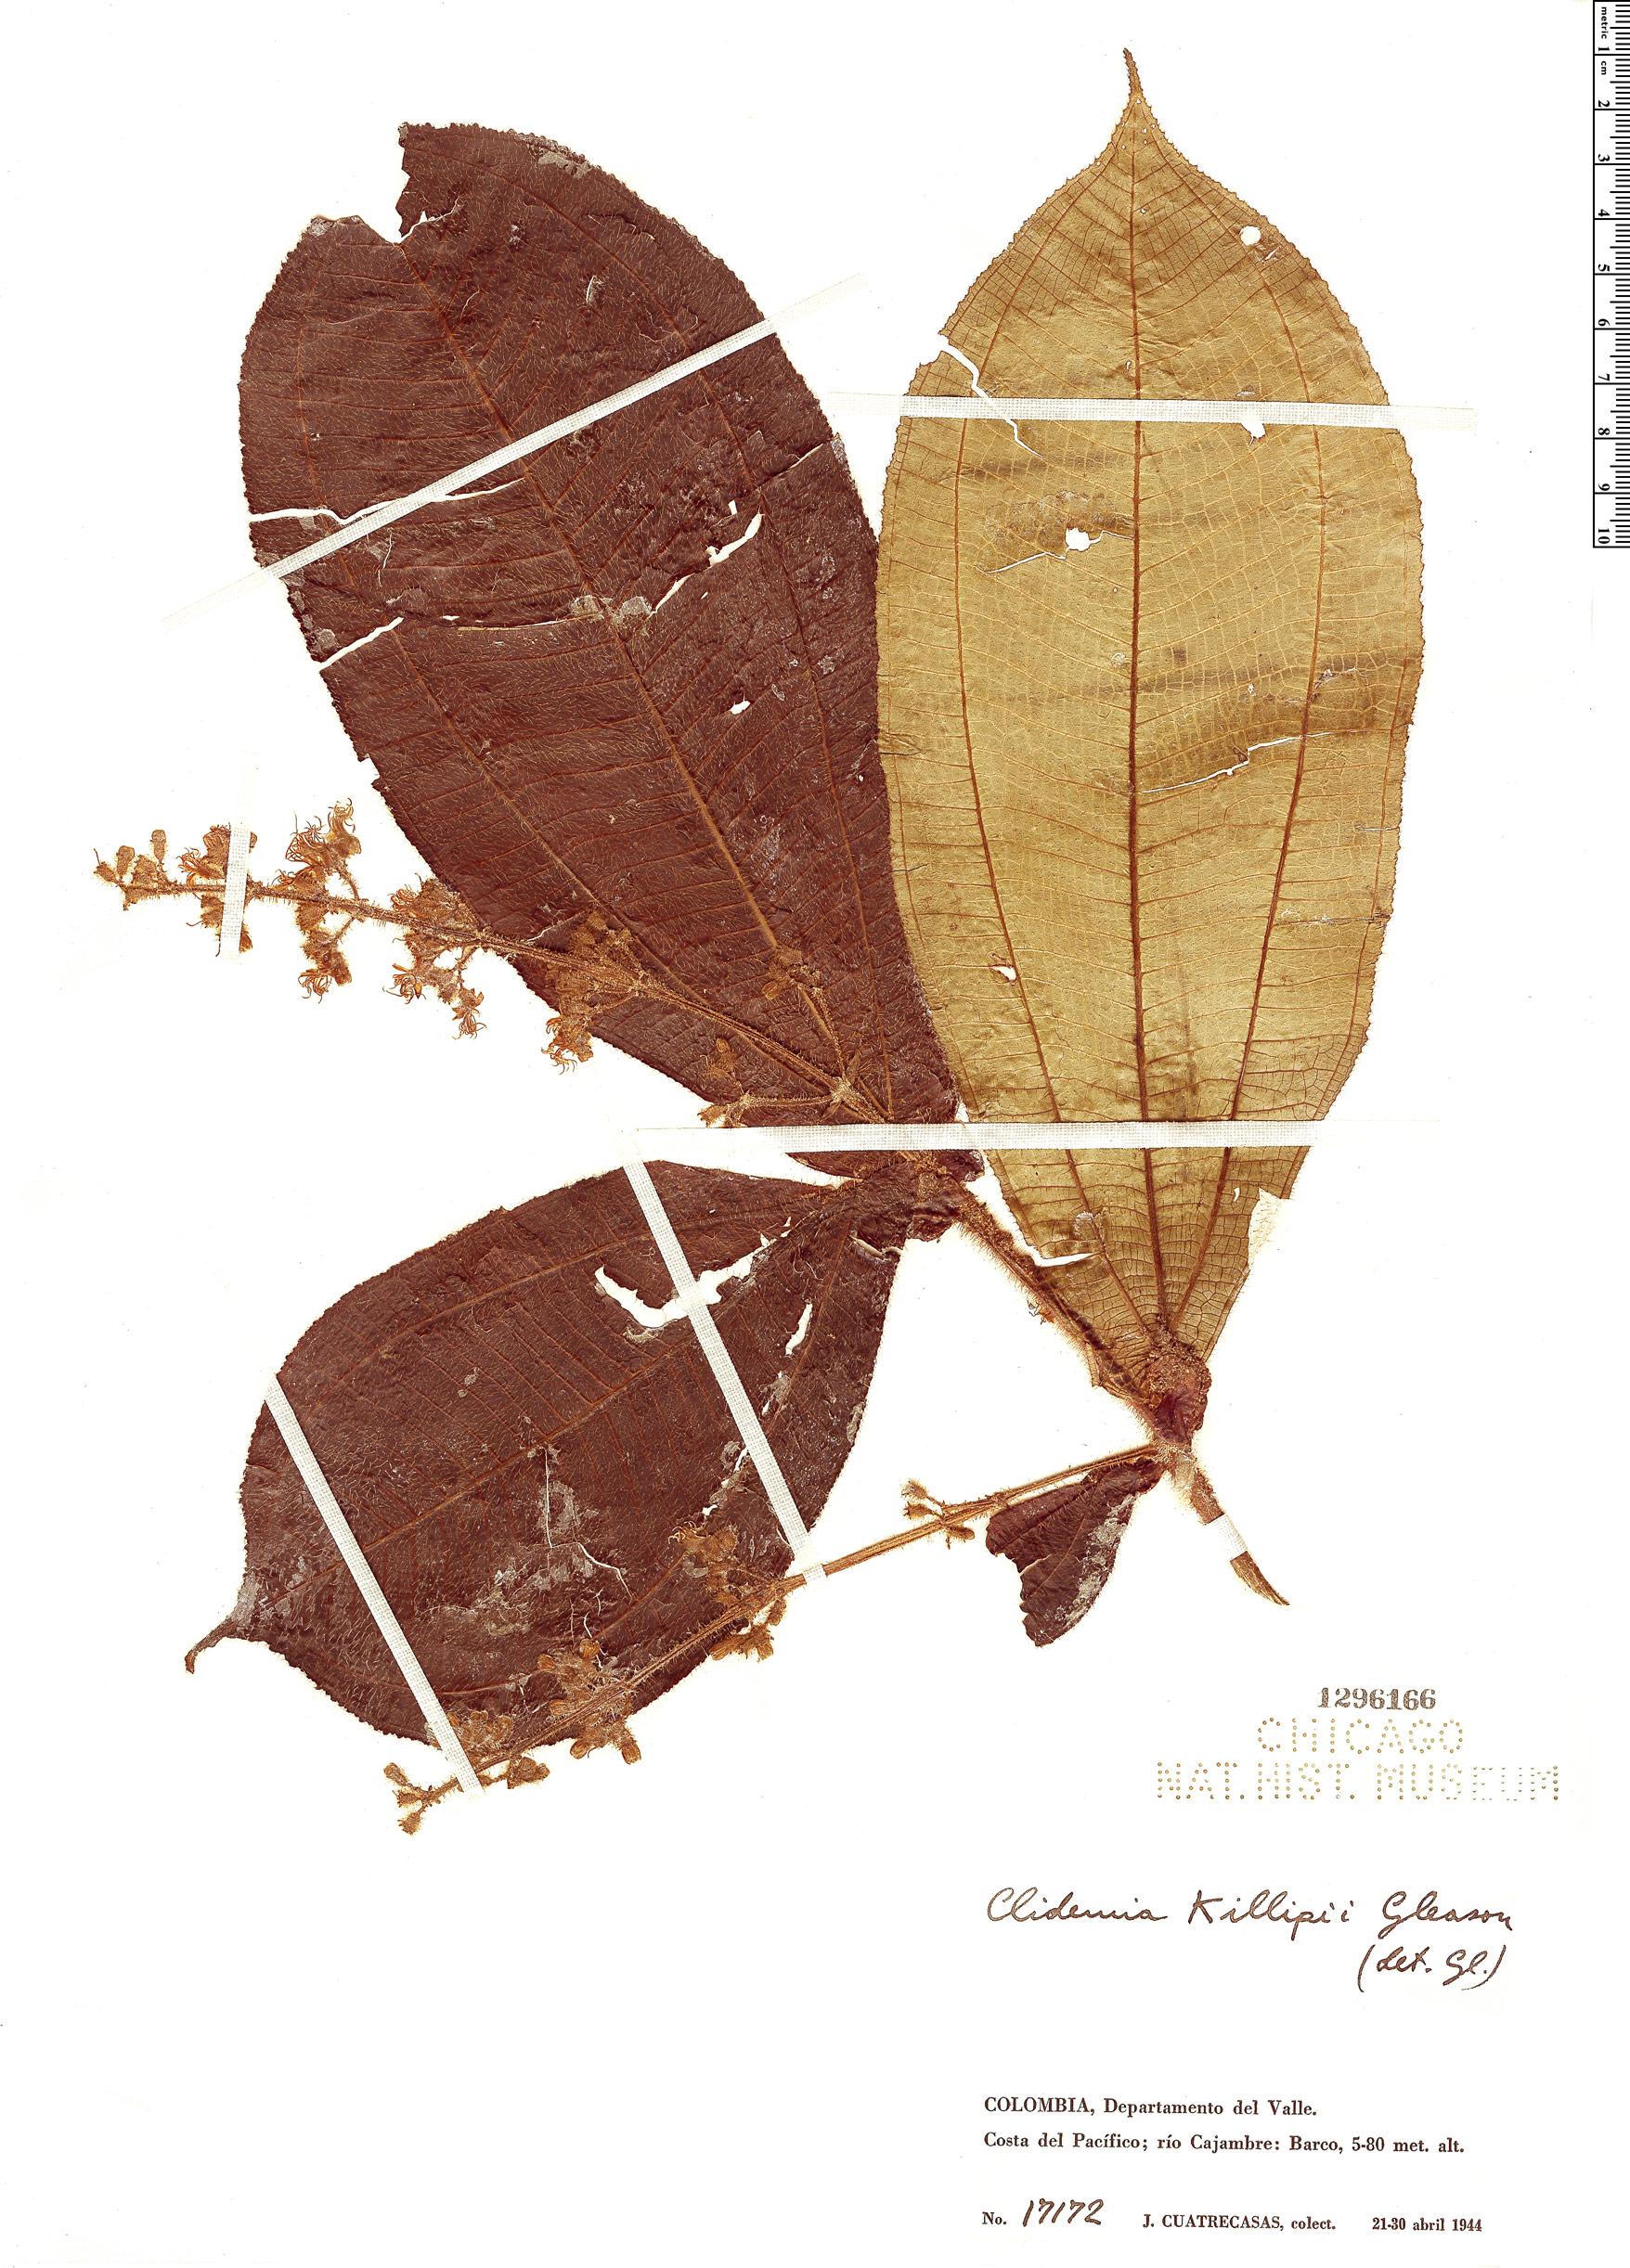 Specimen: Clidemia killipii